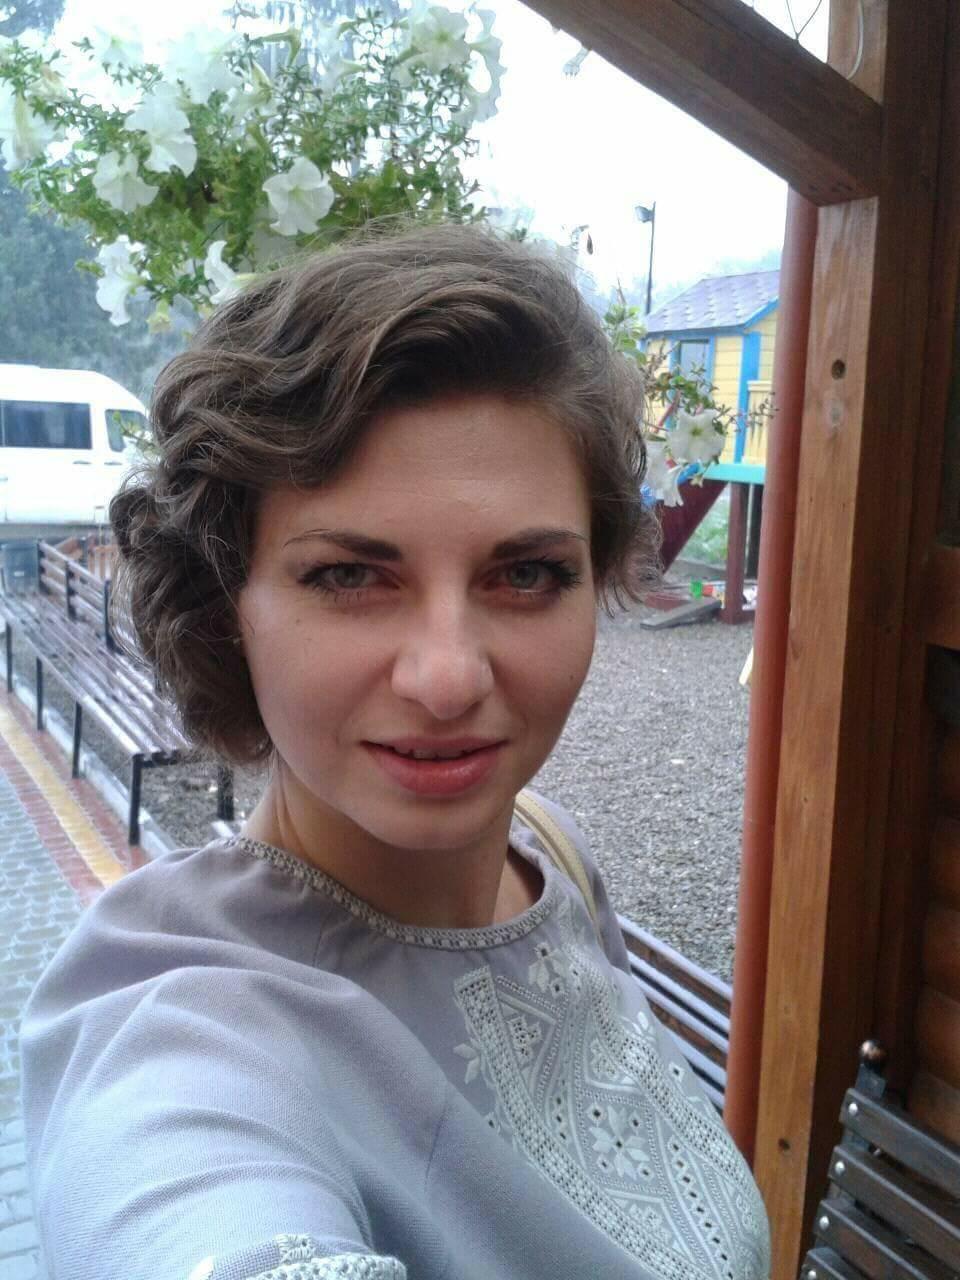 den-vyshivanki-2018-ukrainskie-zvezdy-rasskazali-o-simvole-nacii_01